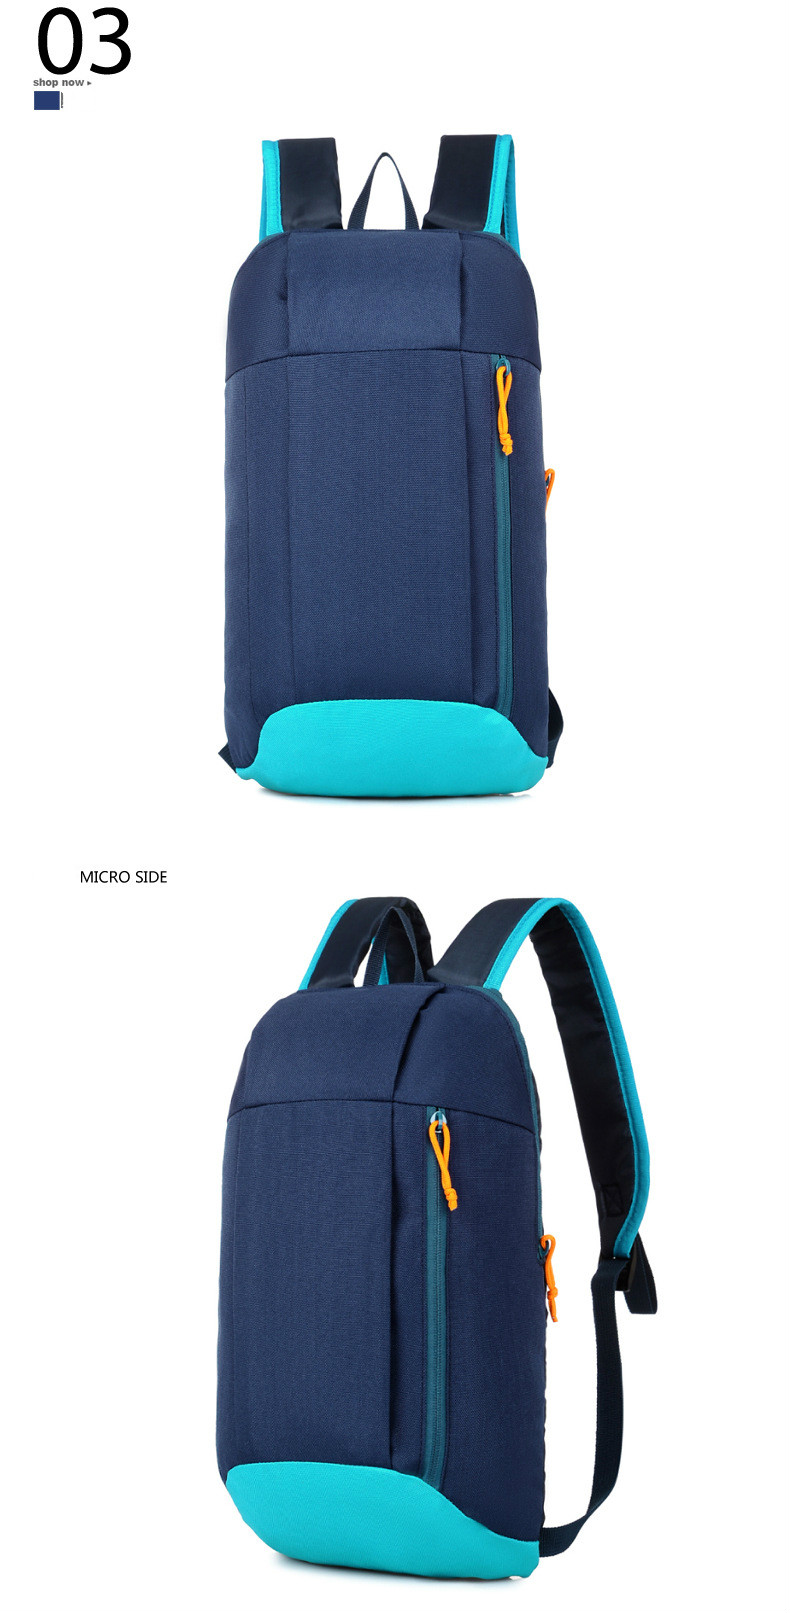 Waterproof S ports Backpack Out Door Luggage Shoulder Women Men School Bags Bagpack Mini Small Teenage Travel Rucksack 10